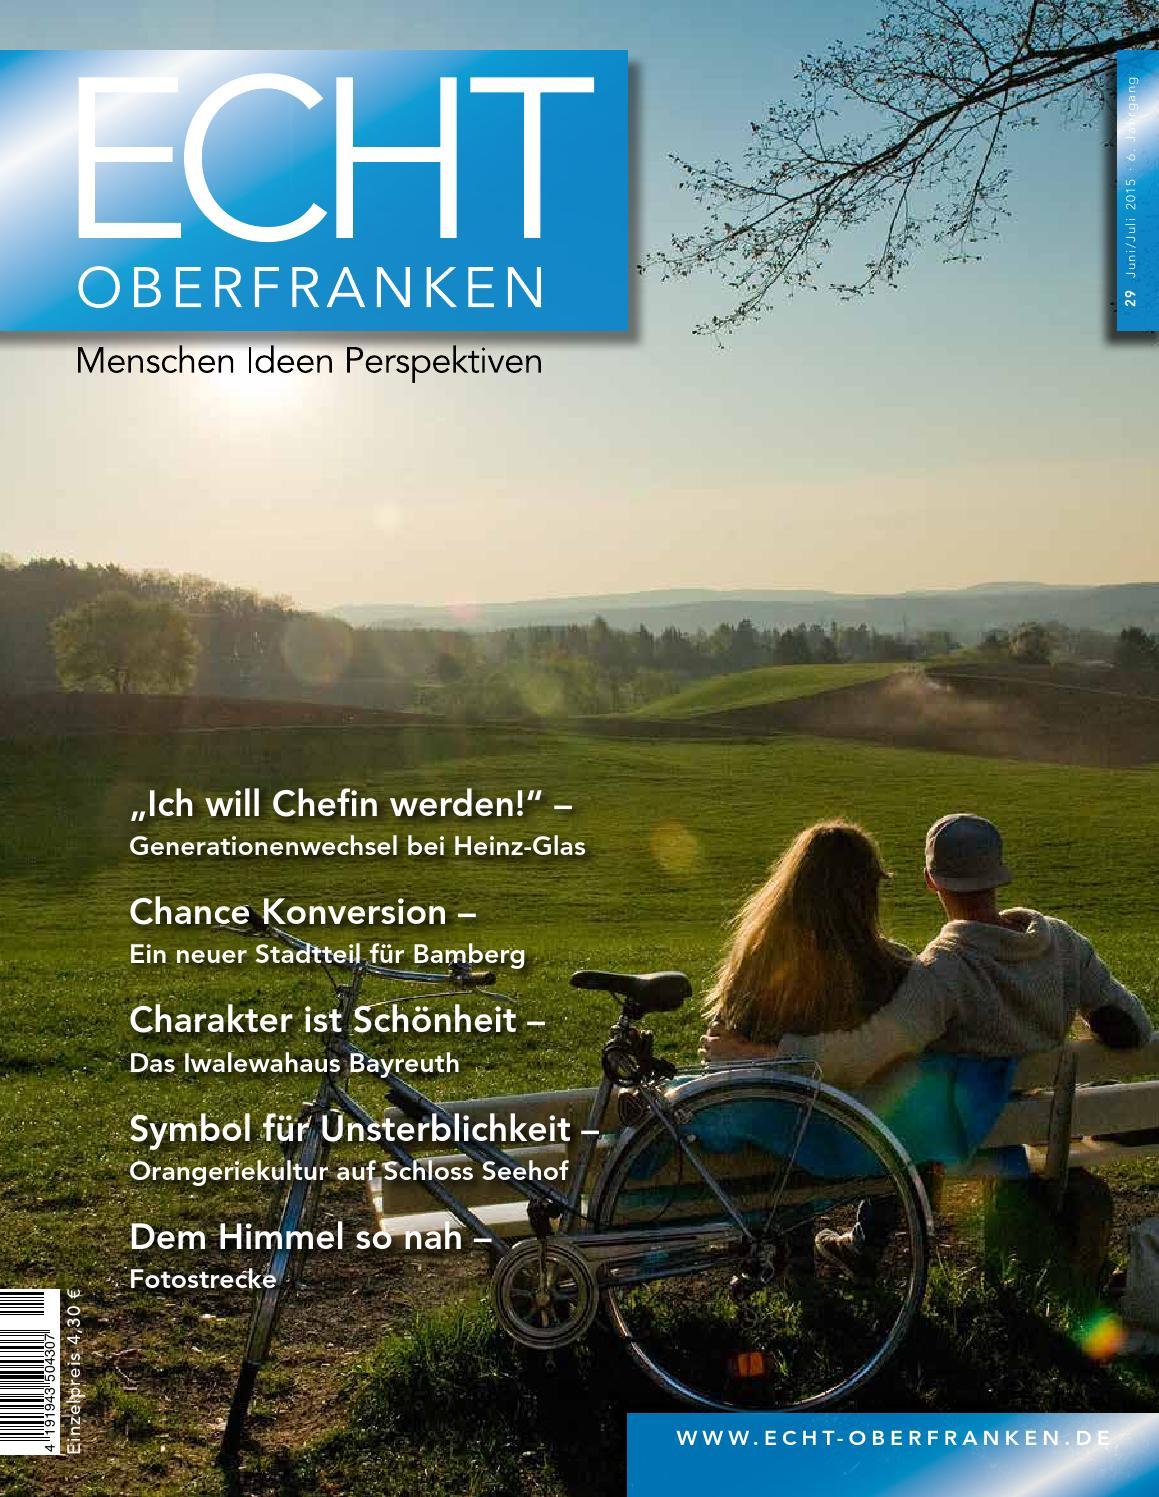 Echt Oberfranken